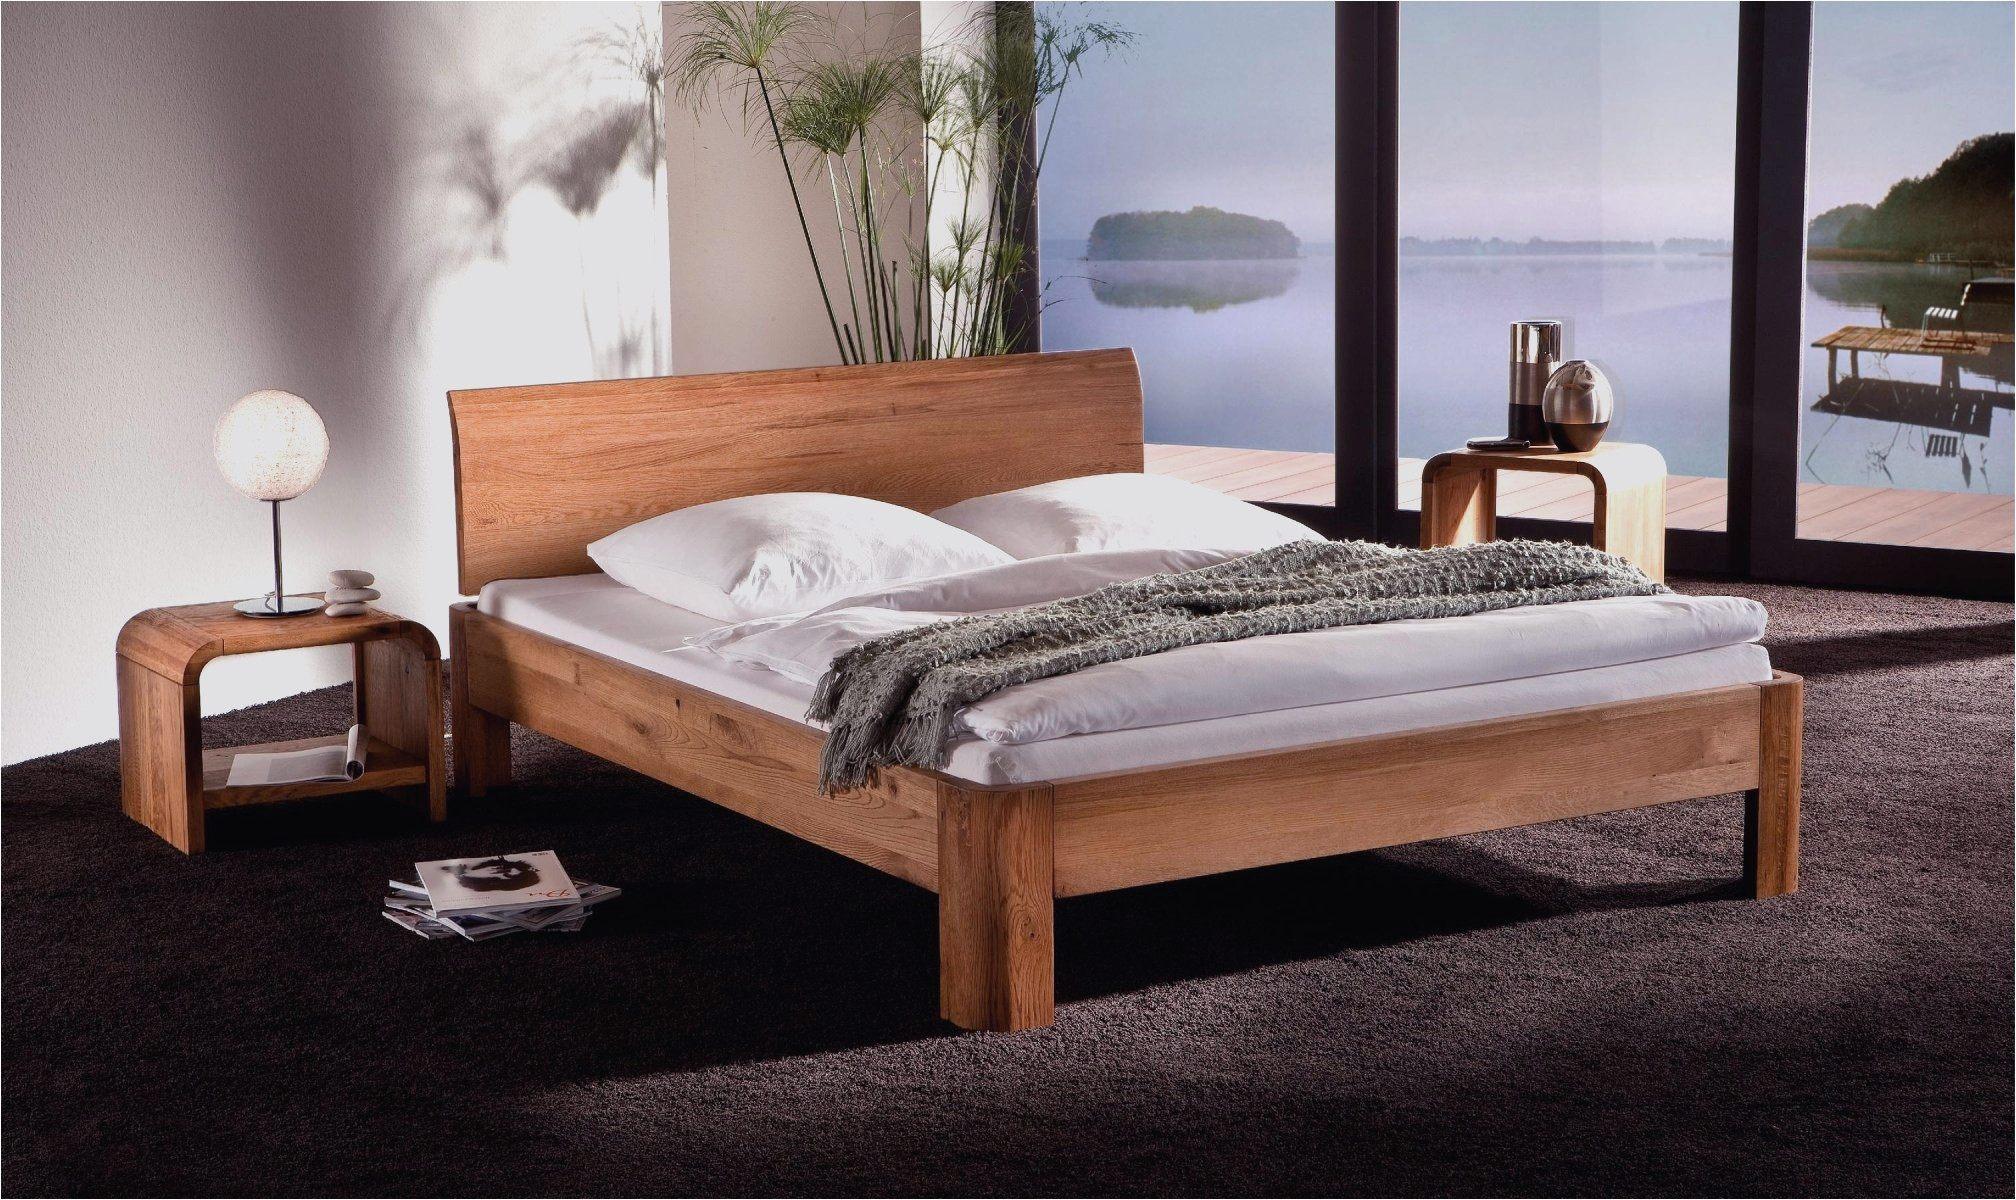 Lit Bois 160 Fraîche Lit Design 160—200 Prodigous Image Tate De Lit Bois Ikea Lit 160—200